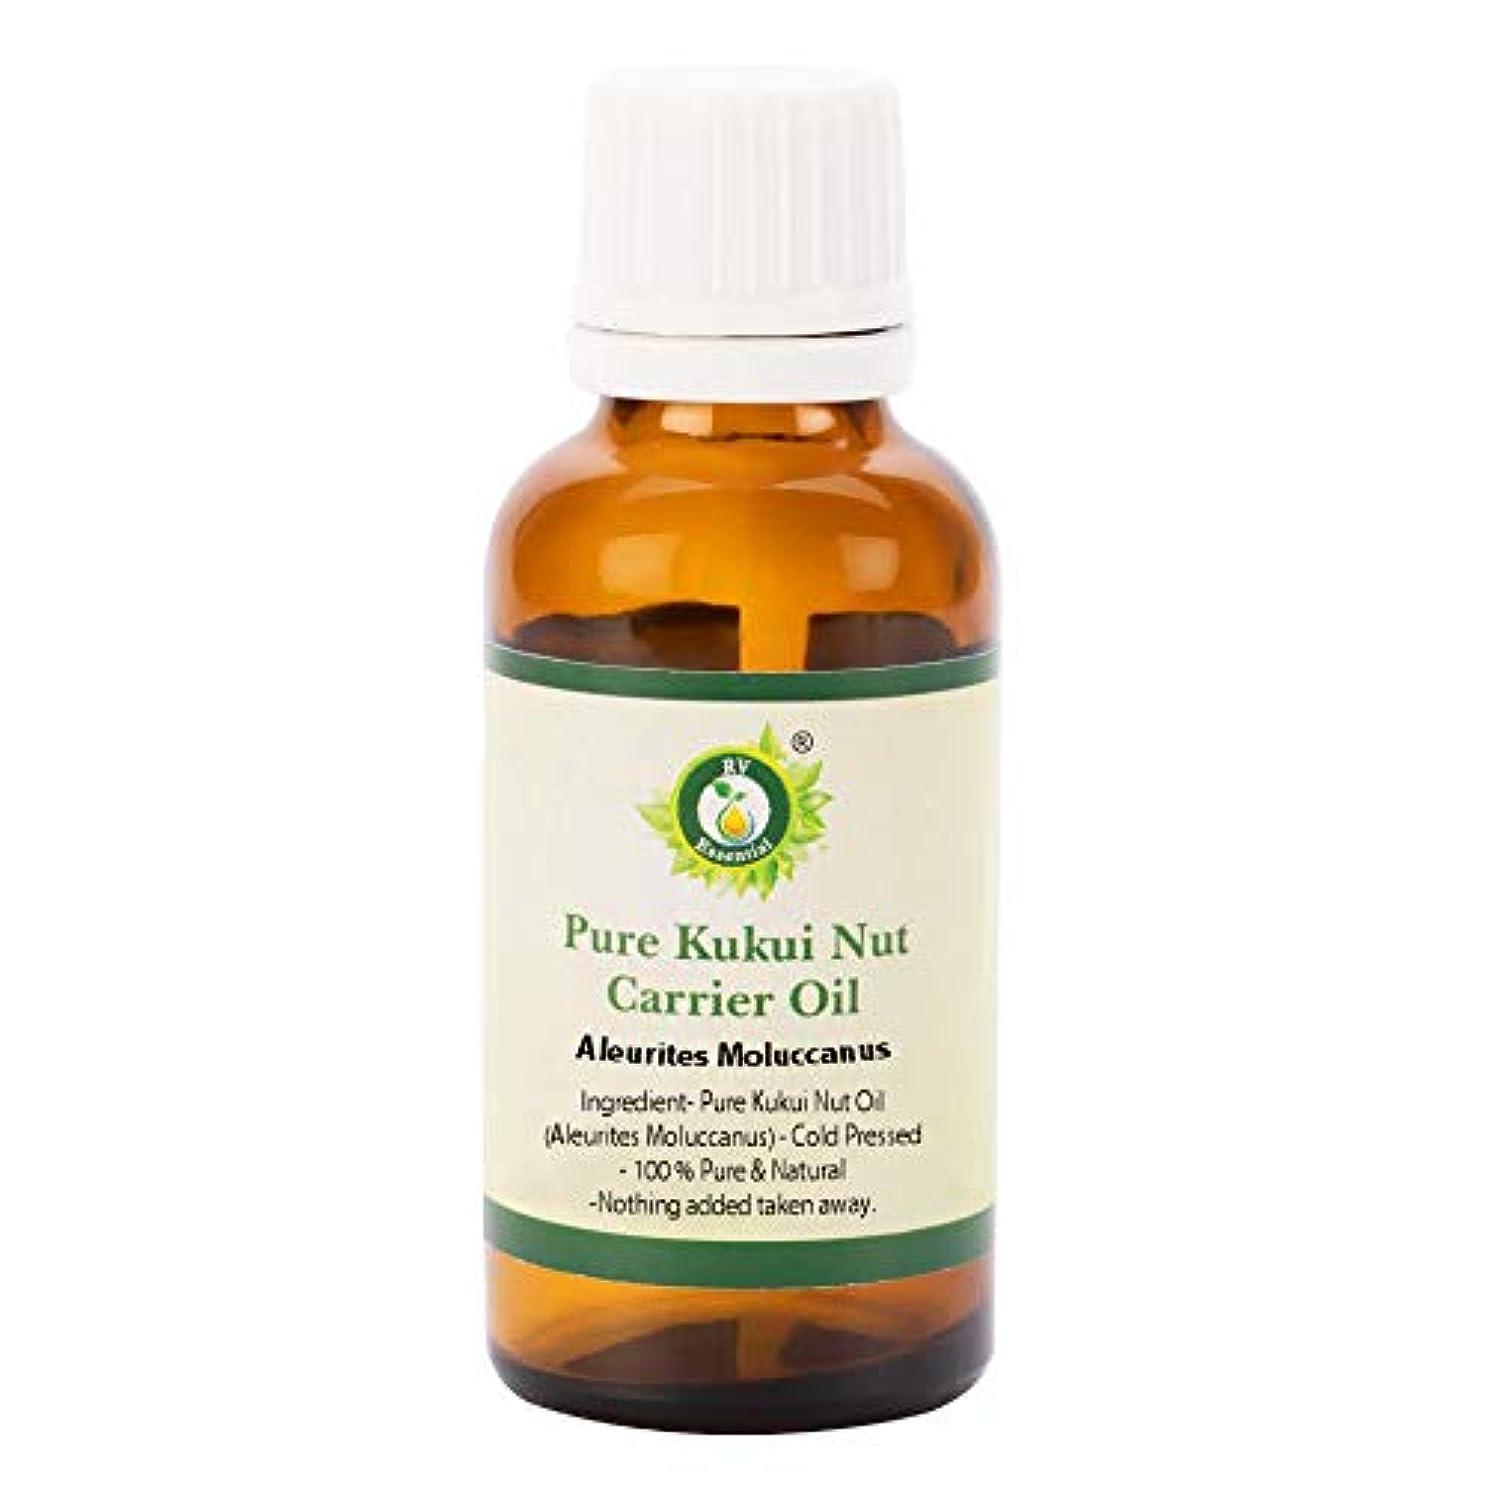 支払いナサニエル区少しピュアククイナッツオイルキャリア5ml (0.169oz)- Aleurites Moluccanus (100%ピュア&ナチュラルコールドPressed) Pure Kukui Nut Carrier Oil